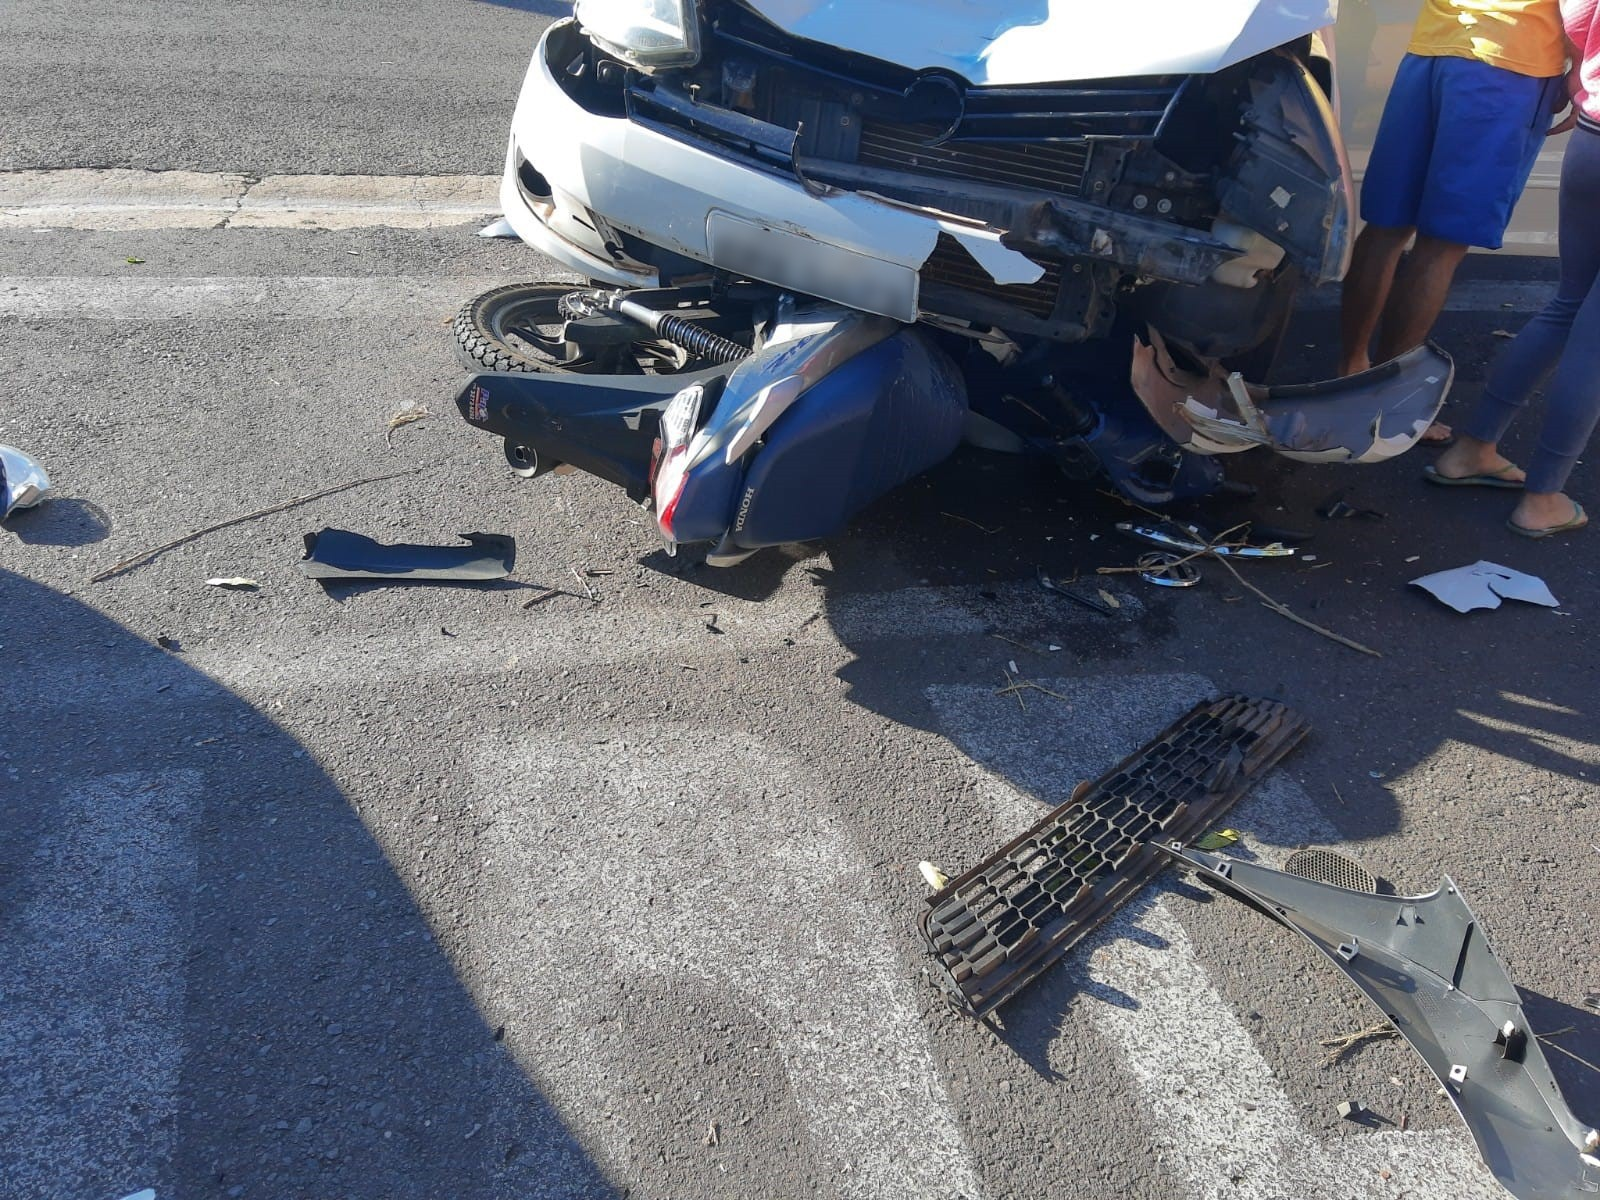 Acidente entre carro e motocicleta deixa vítimas no Jardim Humberto Salvador, em Presidente Prudente